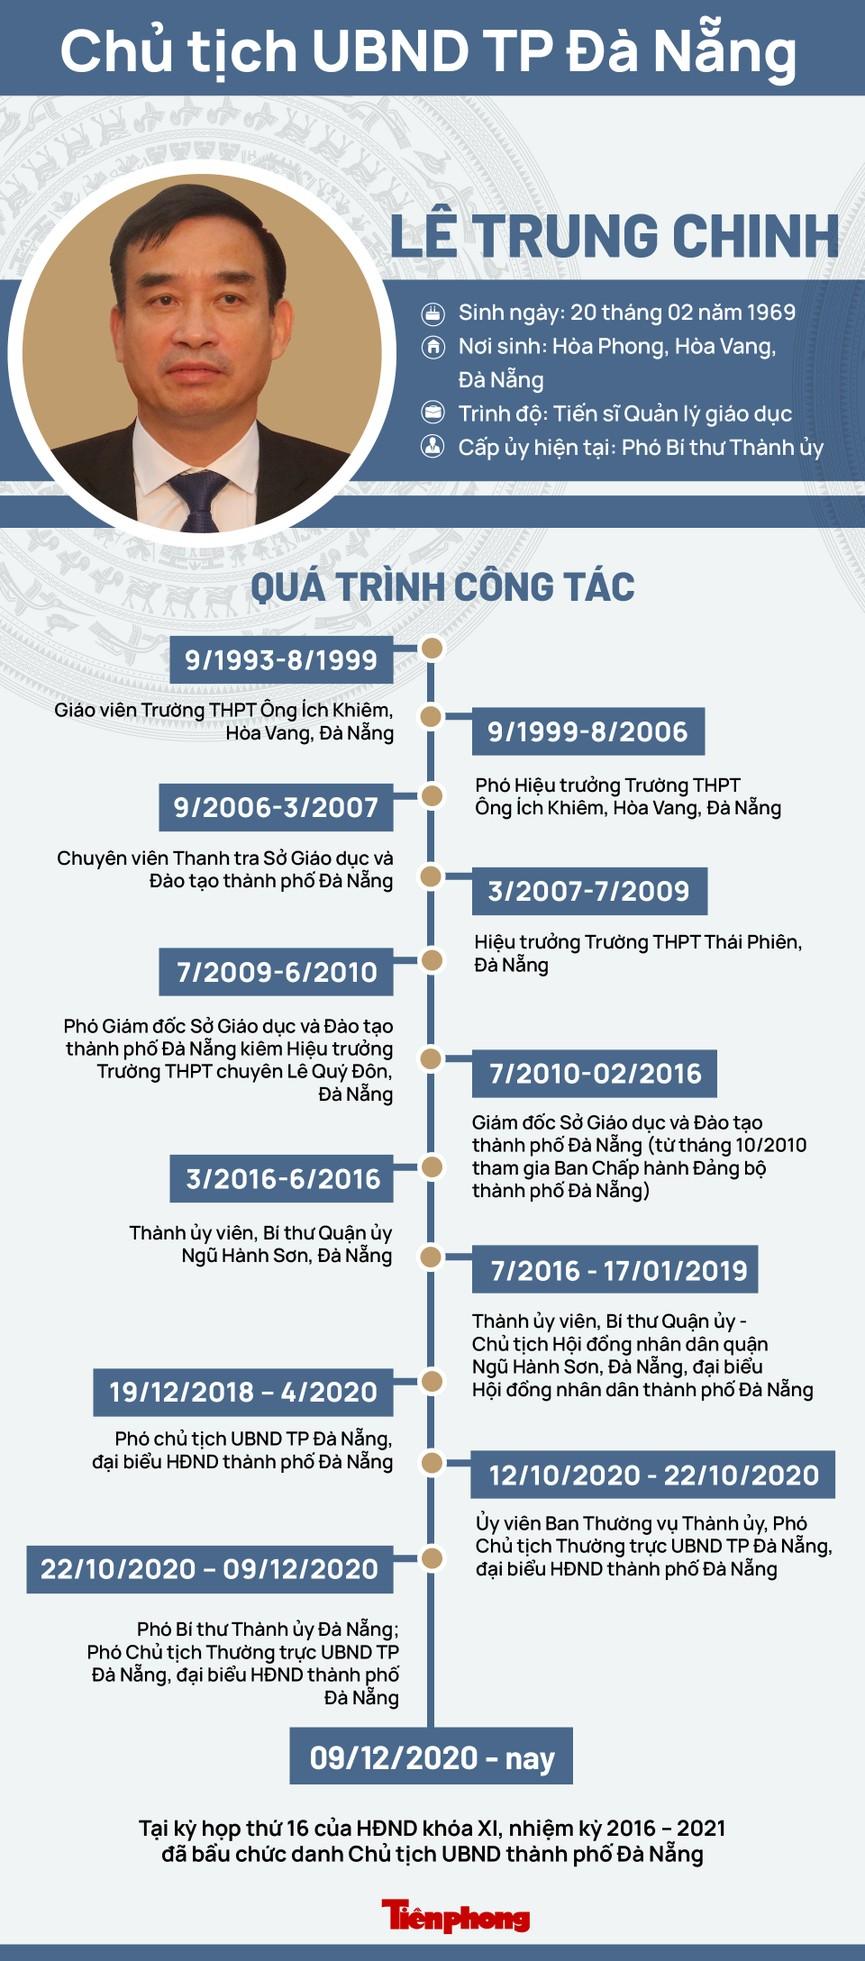 Ông Lê Trung Chinh được bầu làm Chủ tịch UBND TP Đà Nẵng - ảnh 1